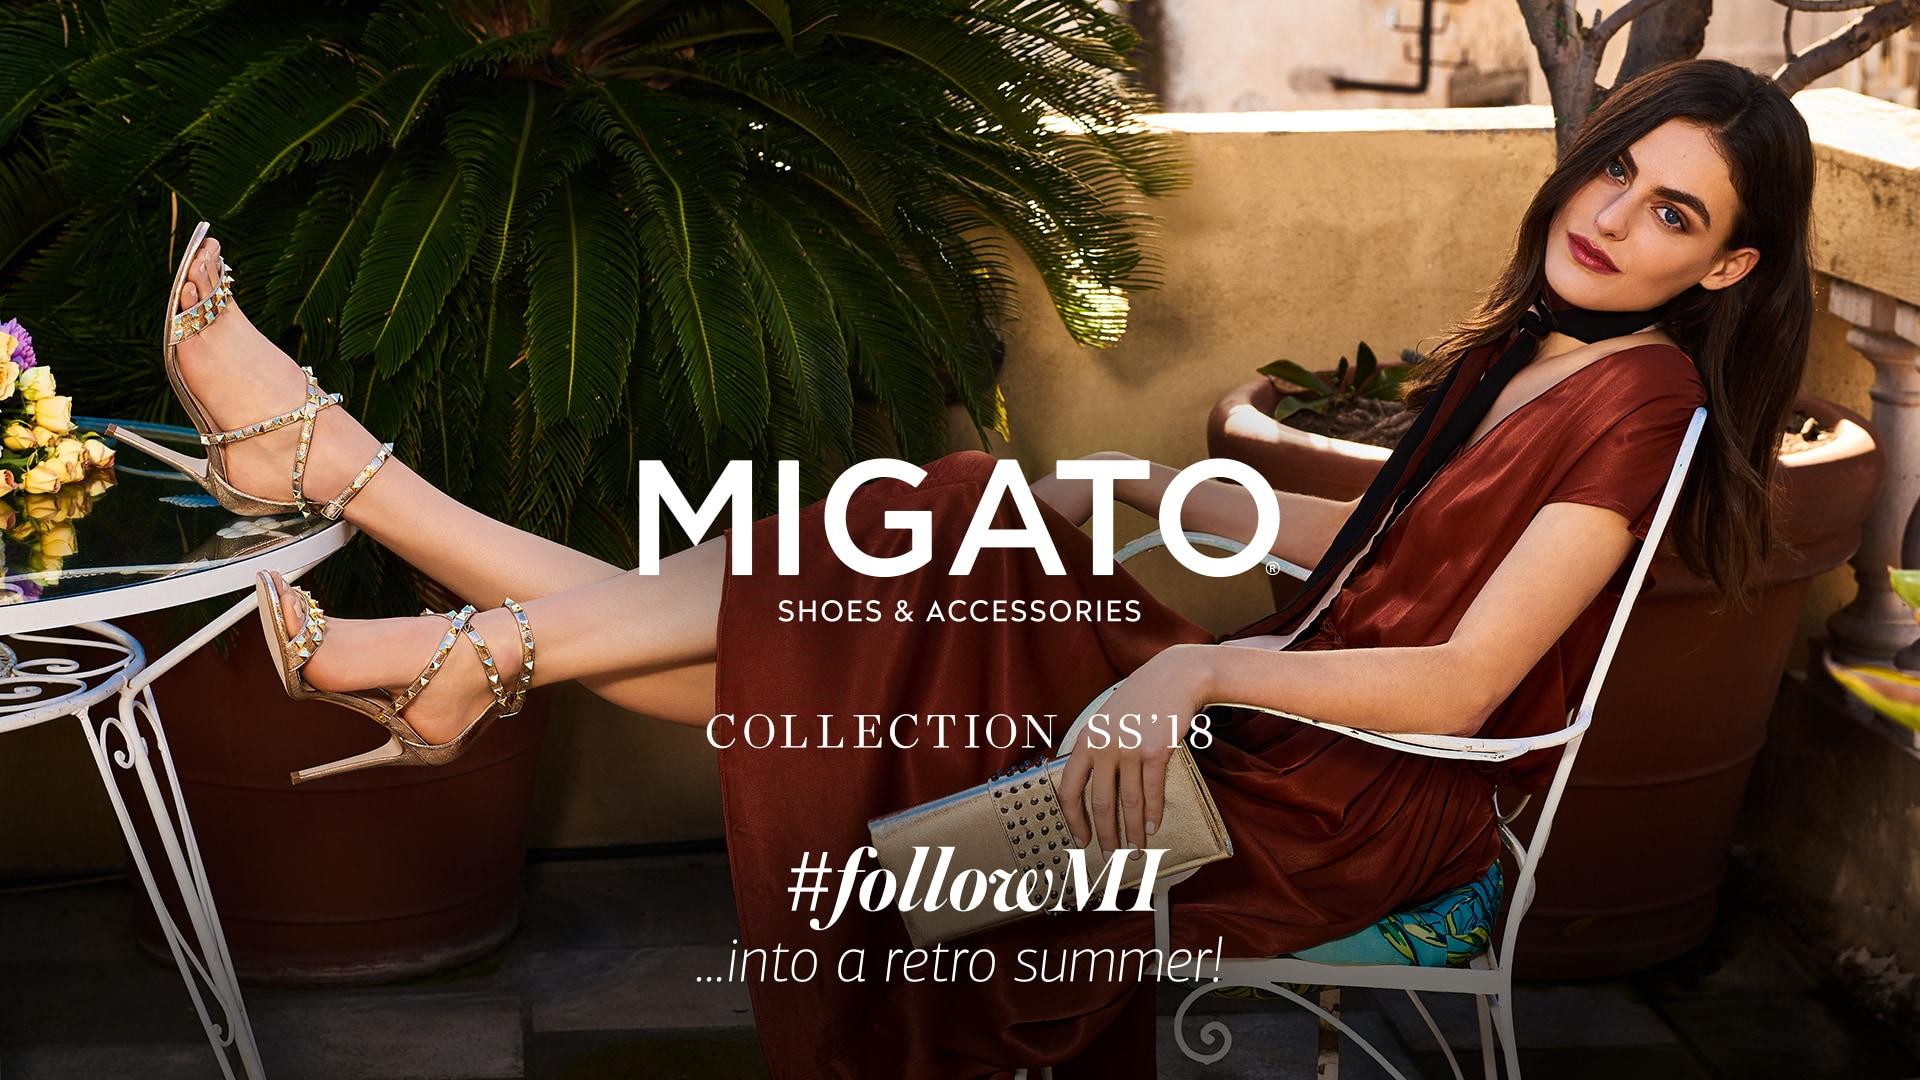 SS18 Campaign #followMI into a Retro Summer